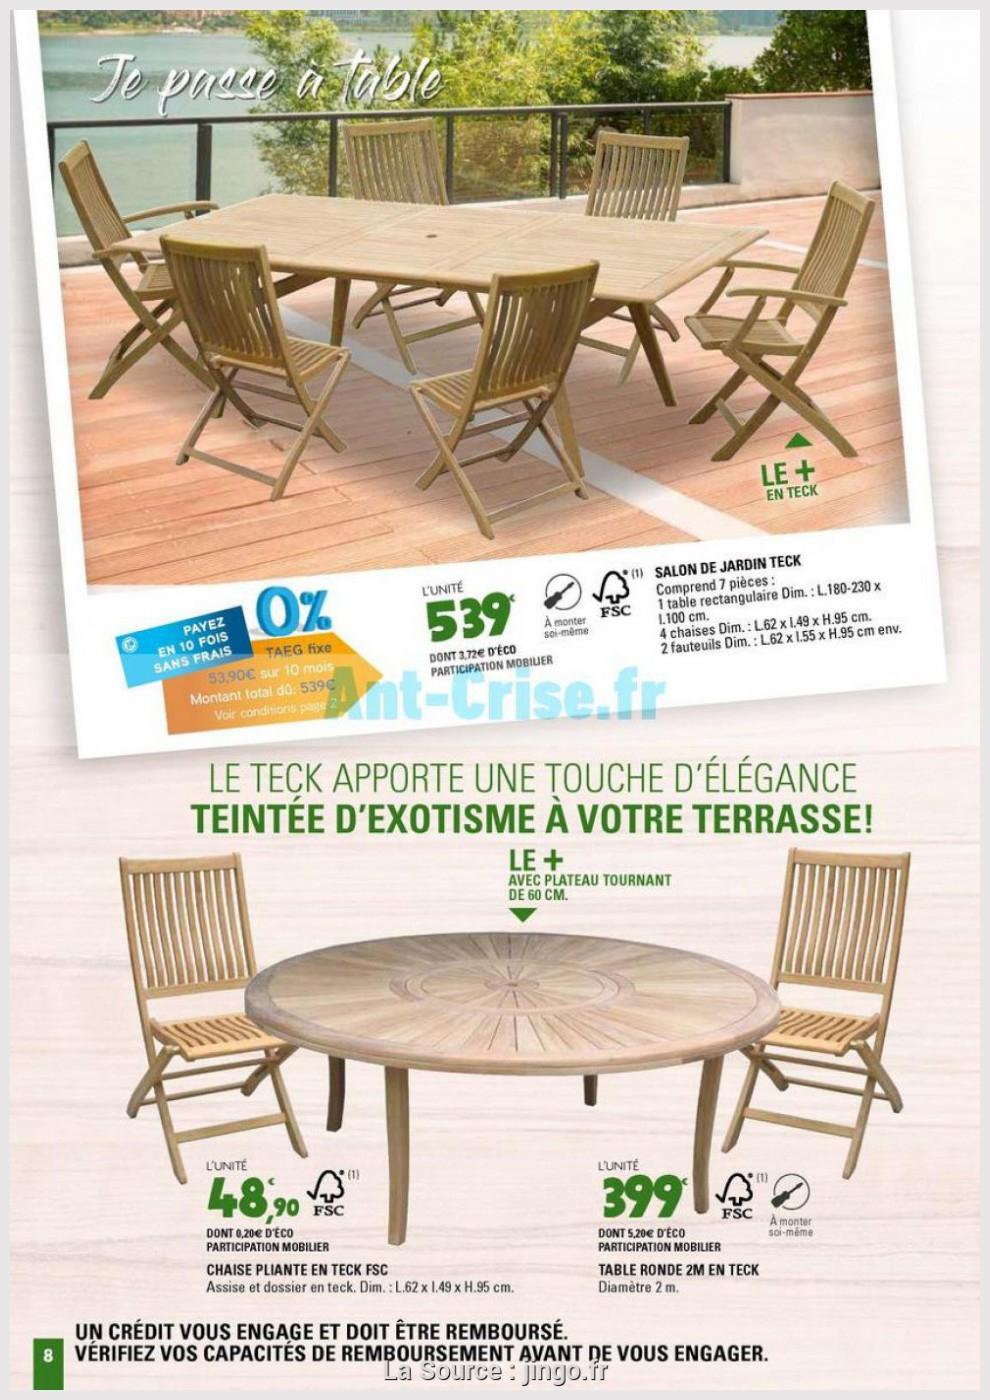 Jardin Belle Teck De Leclerc 2M 8 Table Ronde Sjzplugqmv dedans Table Et Chaises De Jardin Leclerc